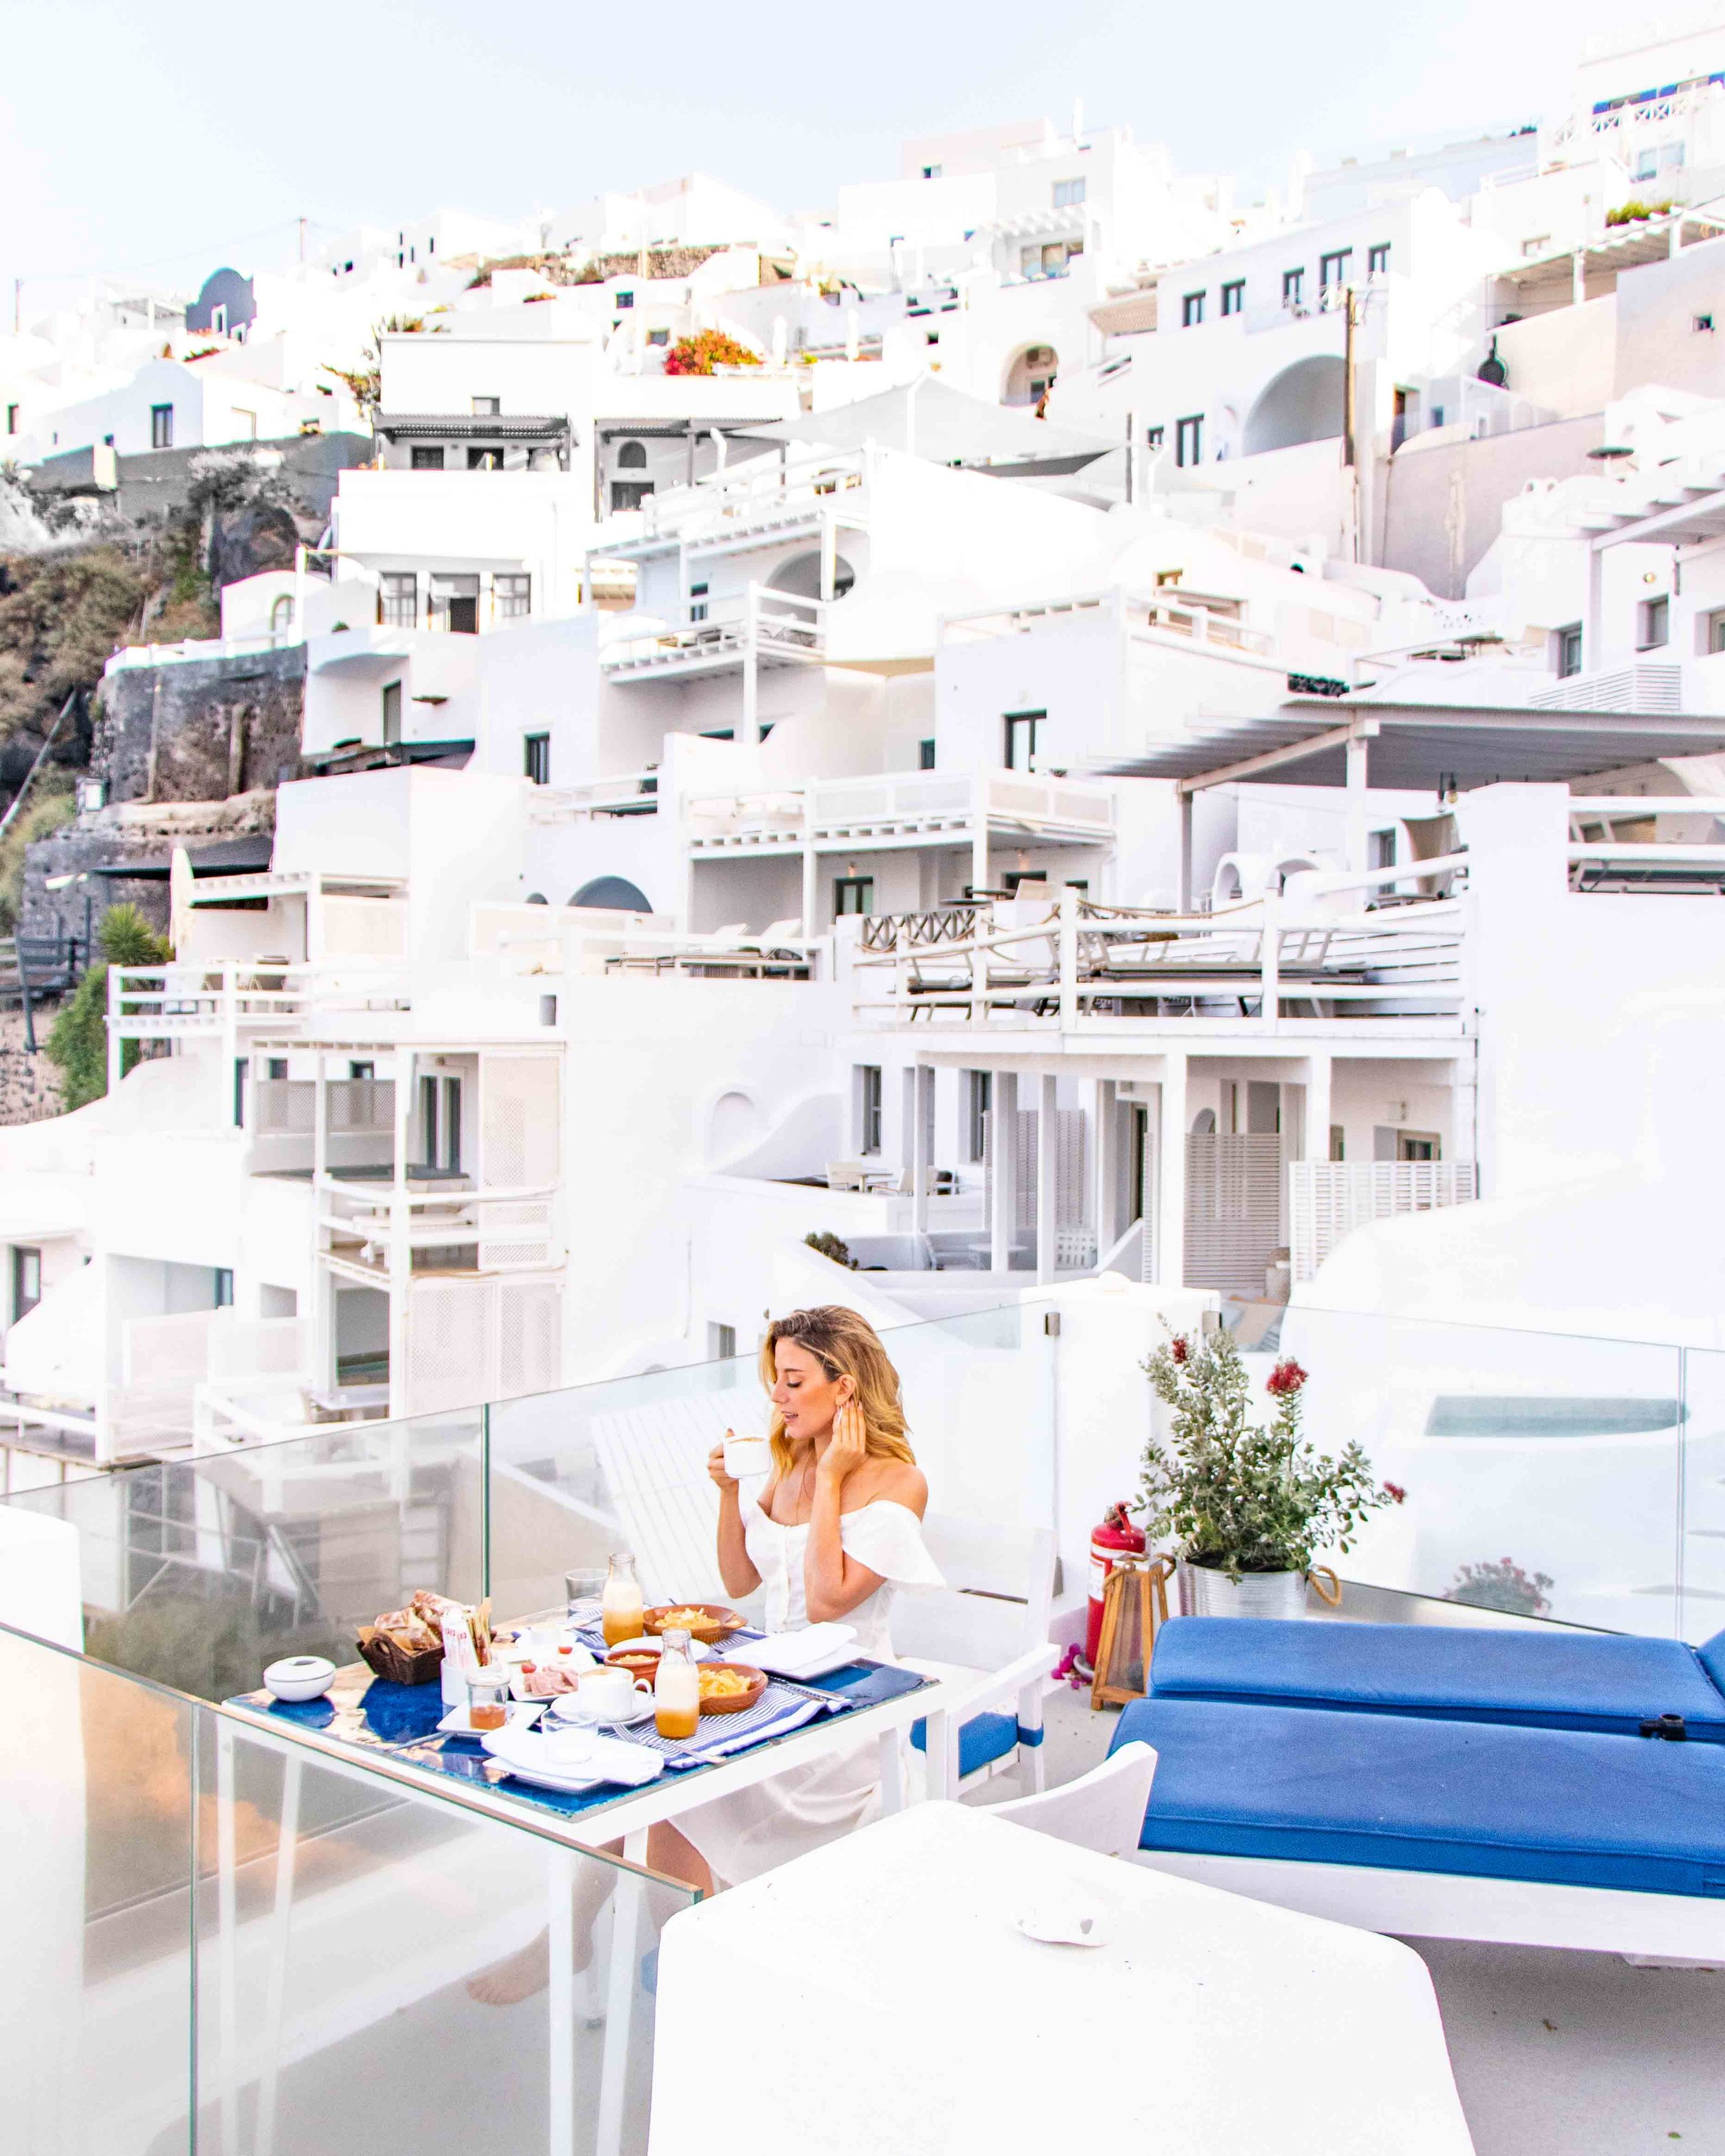 Enjoying breakfast at my hotel - Iconic Santorini